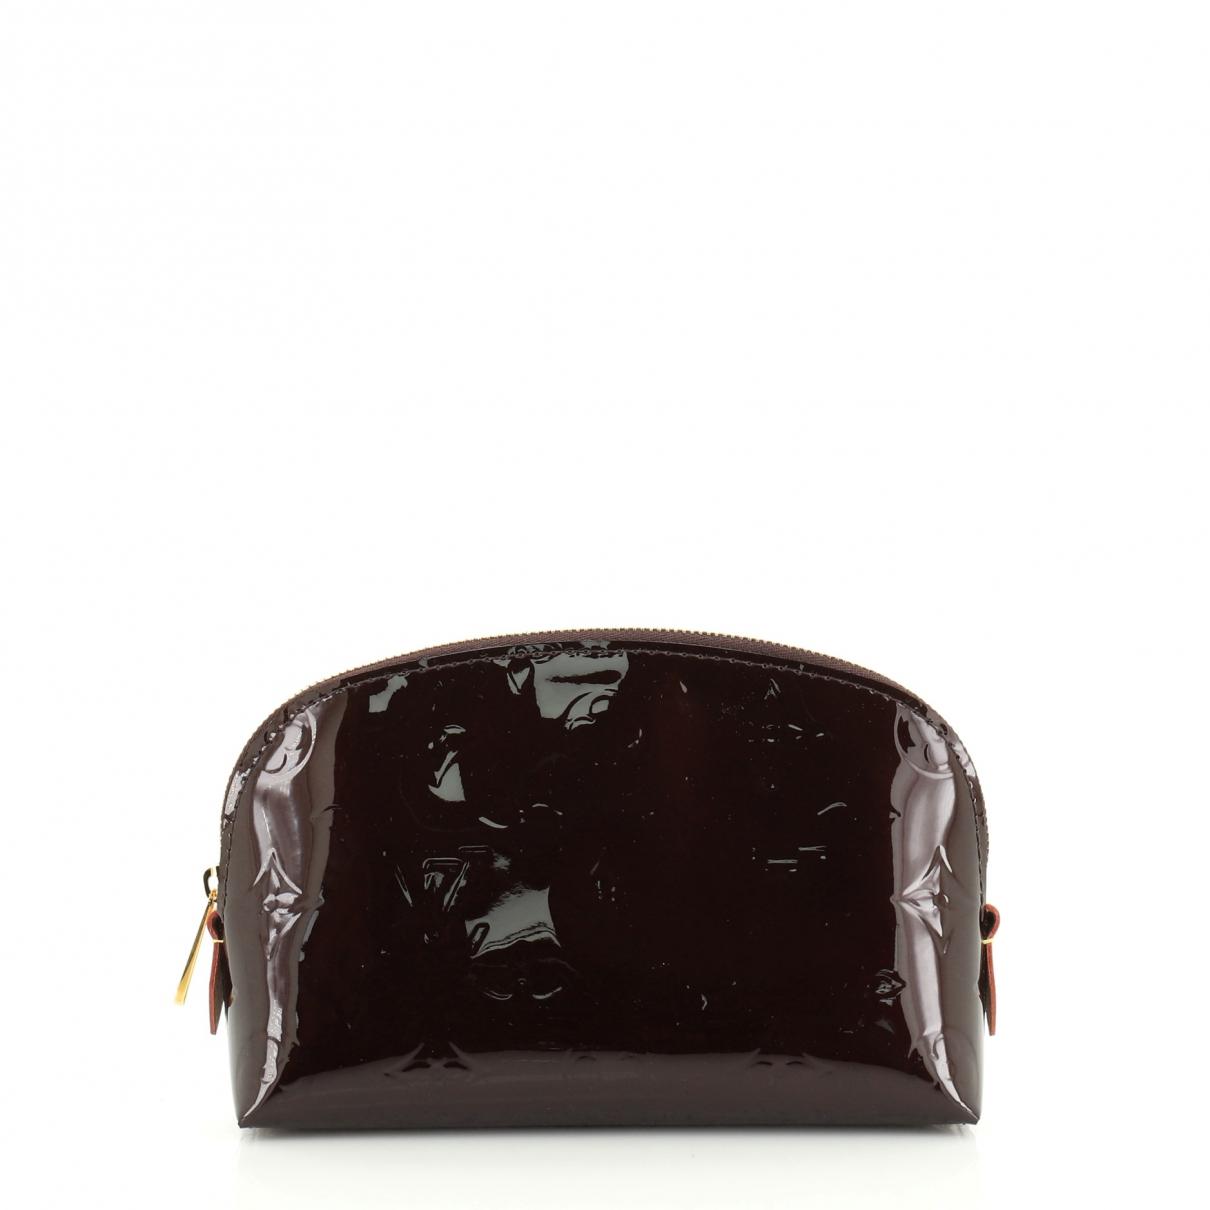 Louis Vuitton - Sac de voyage   pour femme en cuir - violet